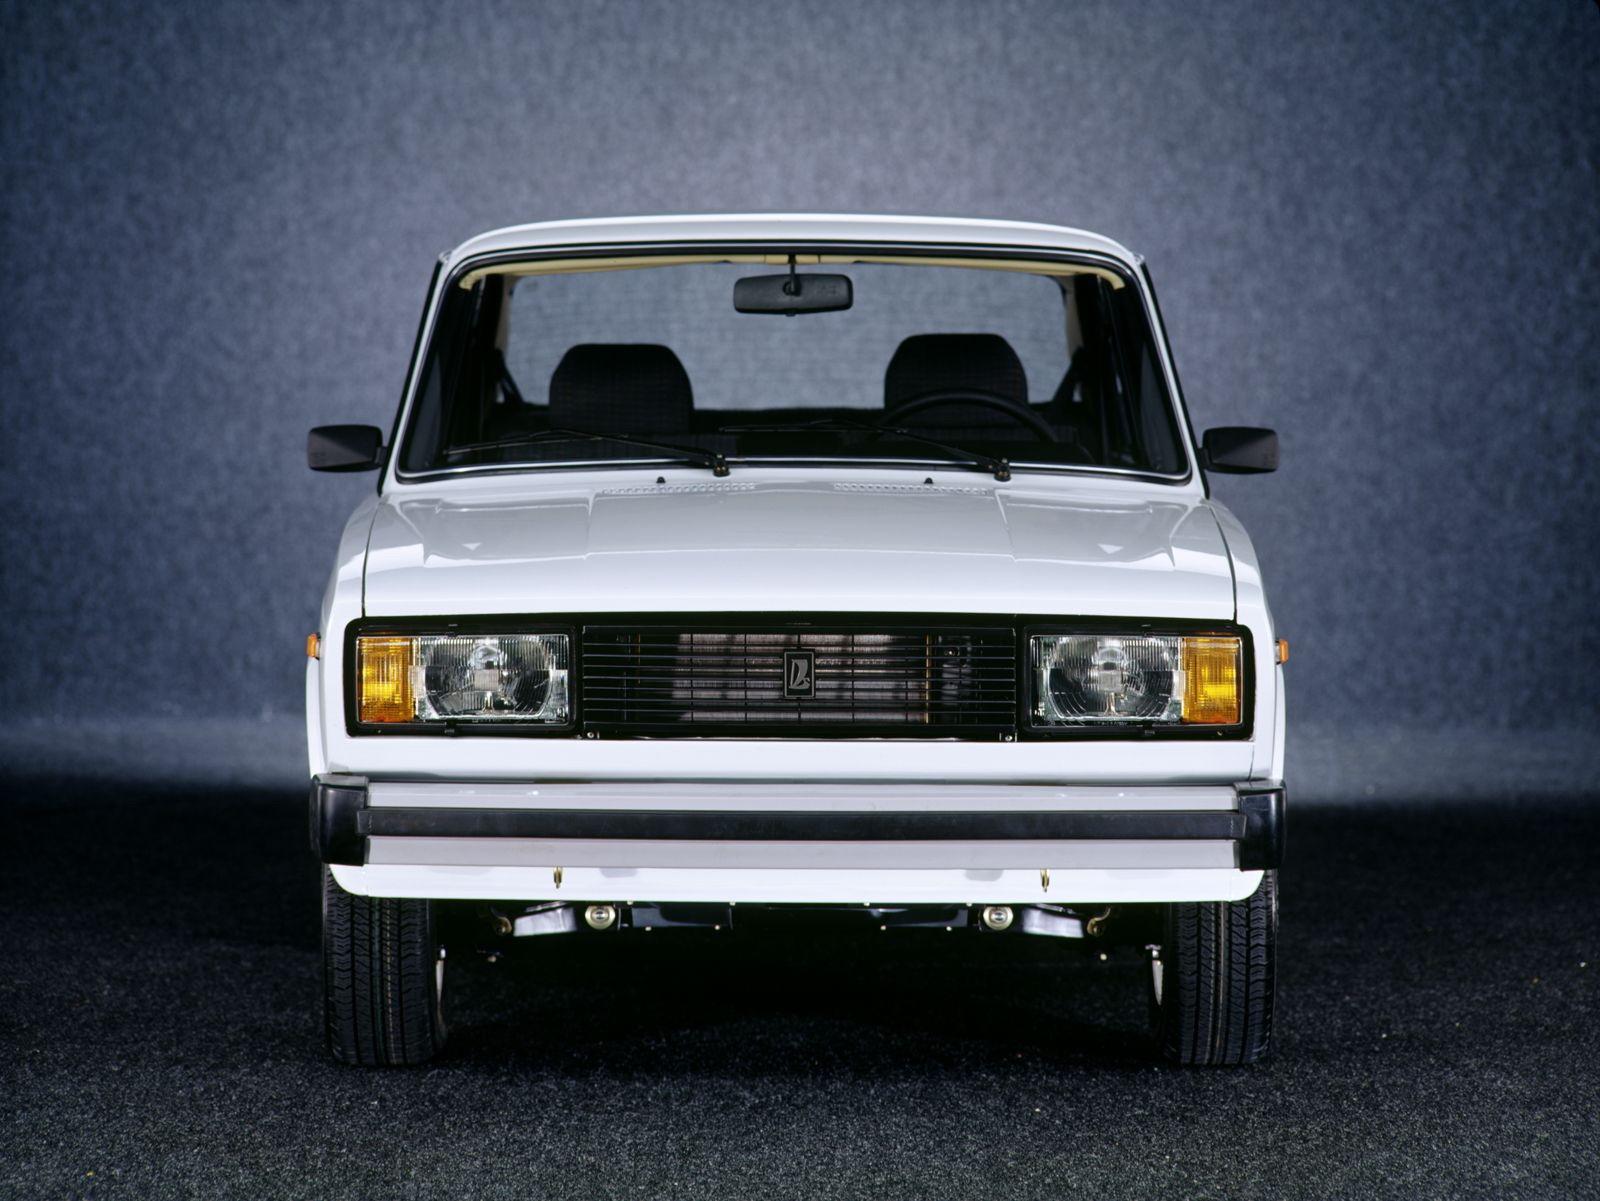 pic link: https://www.carsbase.com/photo/vaz/vaz-2105-mk3-pic36160.jpg